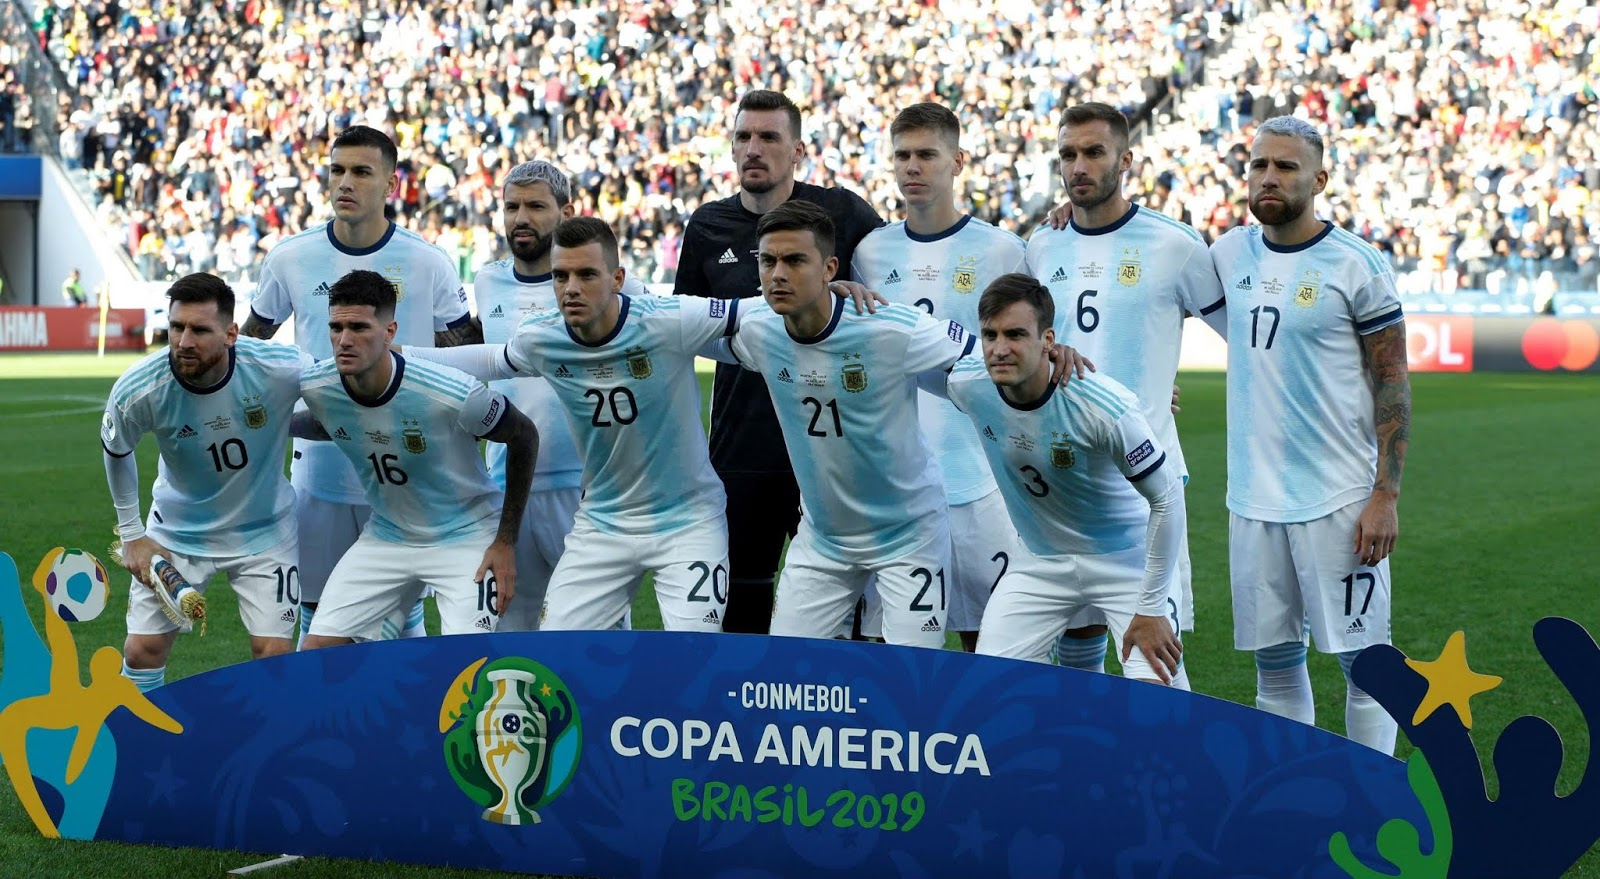 Formación de Argentina ante Chile, Copa América 2019, 6 de julio